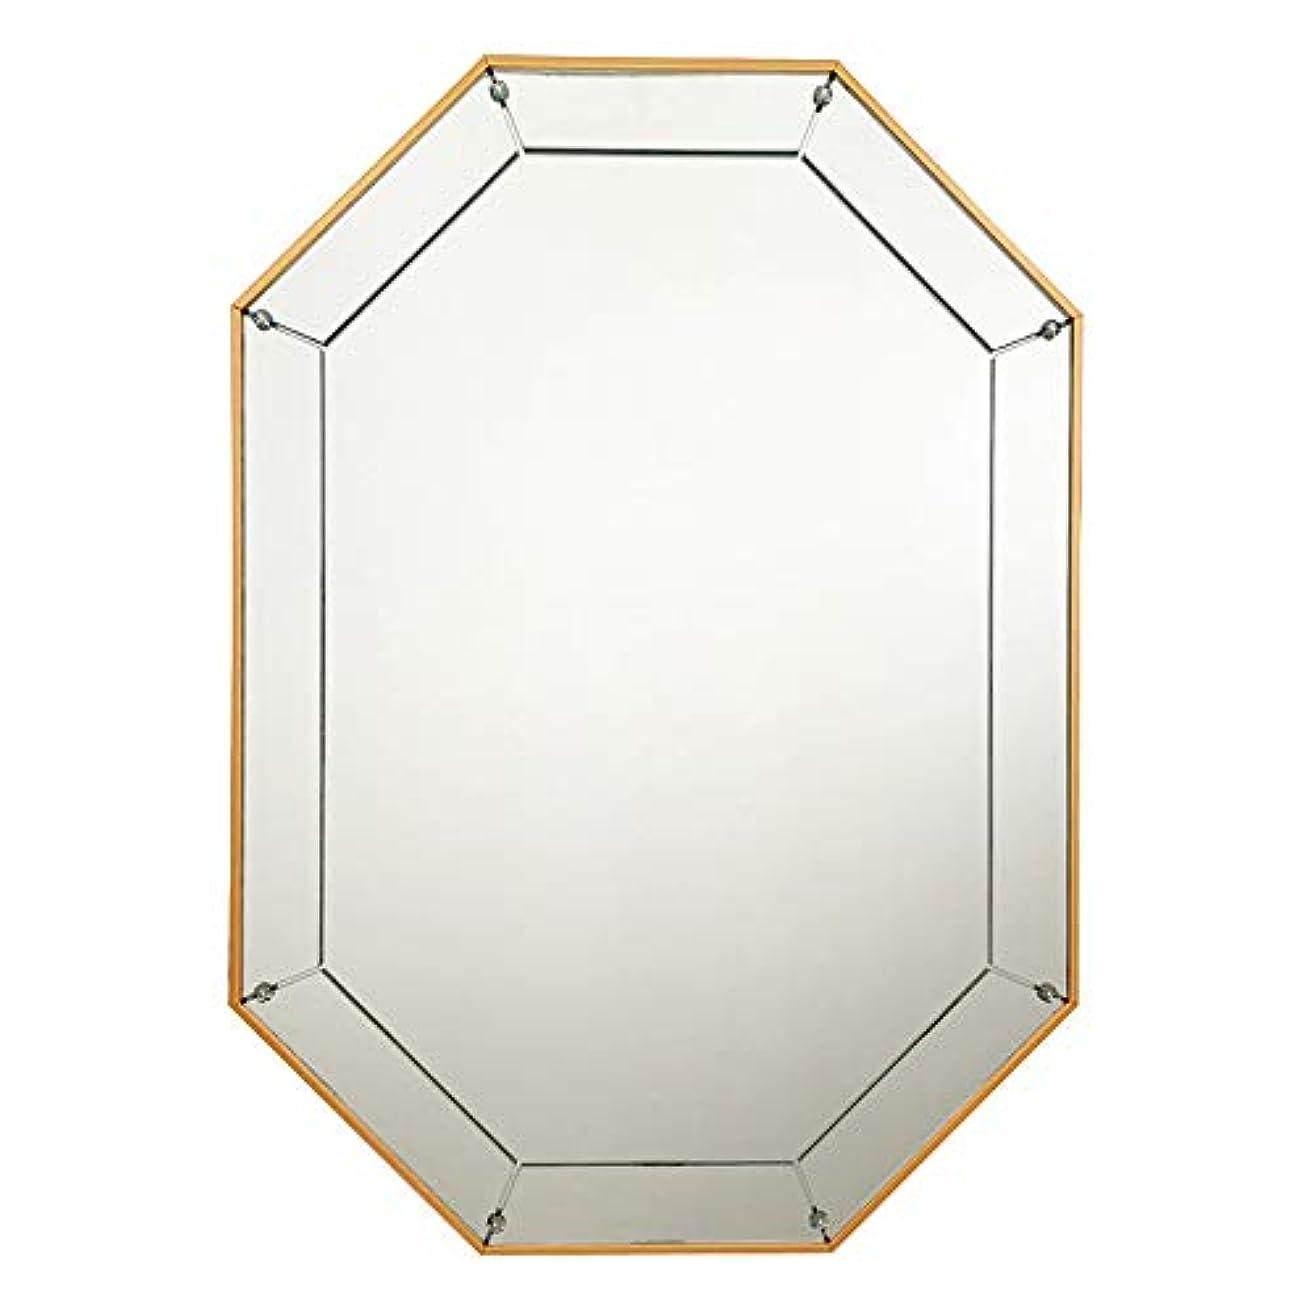 ブルゴーニュ量で涙ウォールマウントメイクアップミラー、ノルディッククリエイティブオクタゴン起毛フレーム壁掛けミラードレッサーミラー装飾玄関リビングルームのバスルーム,金